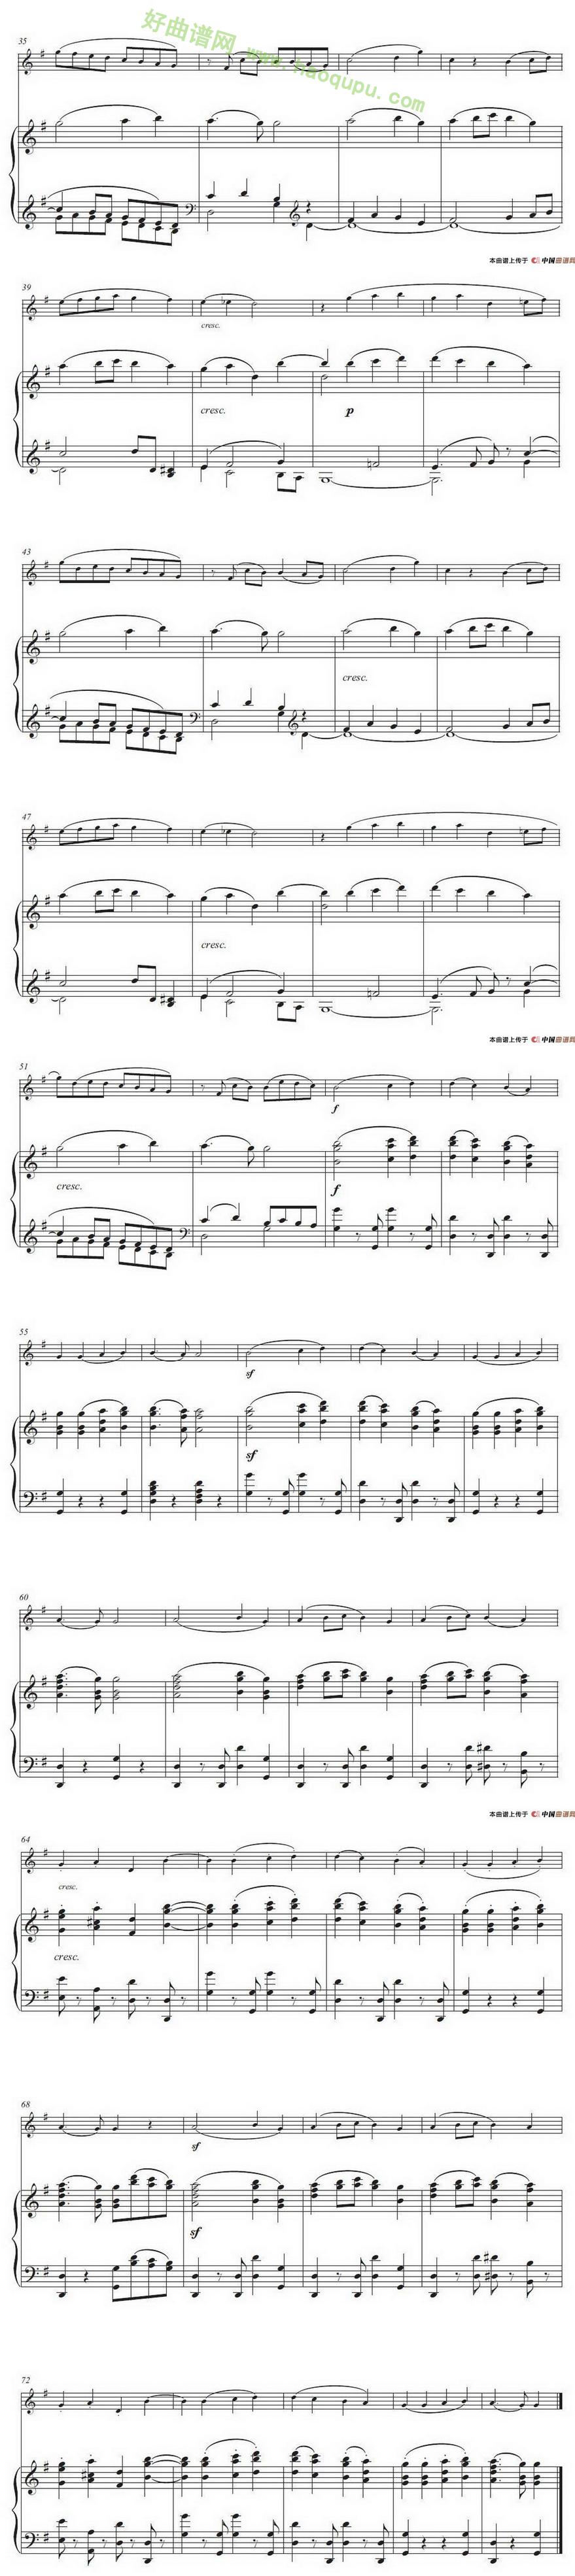 《欢乐颂》(小号独奏 钢琴伴奏谱) 管乐合奏曲谱   来源:好曲谱歌谱网